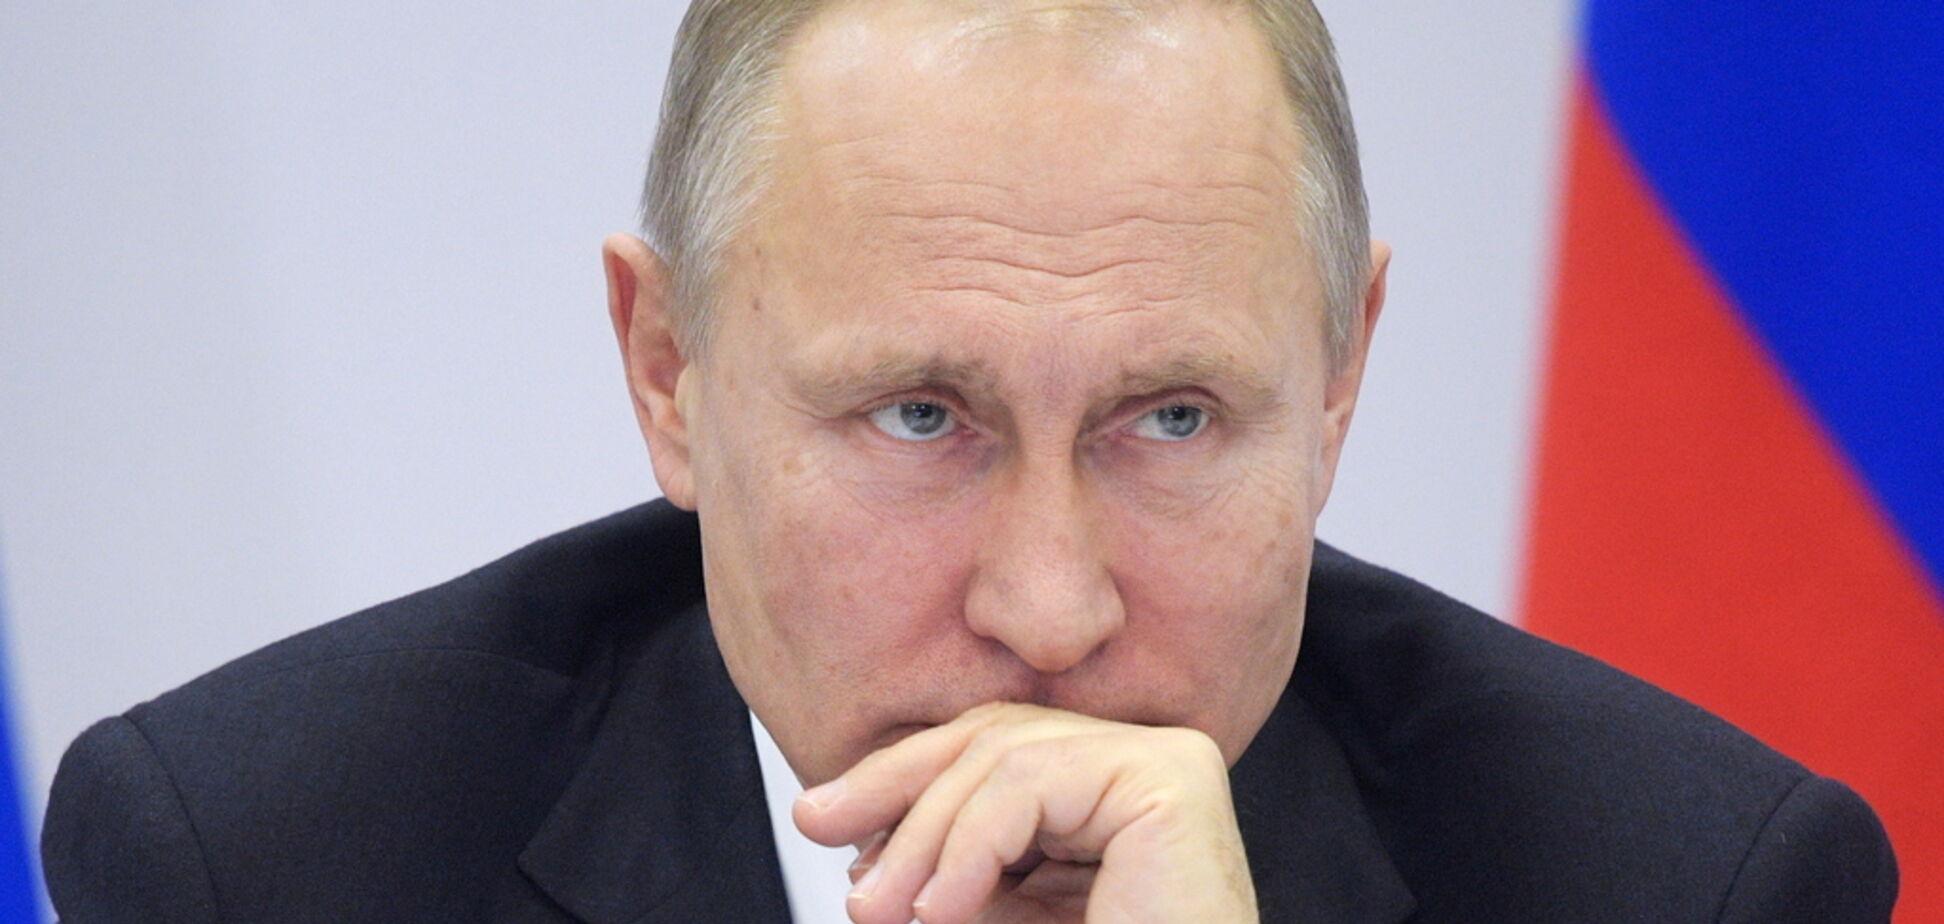 Великий банк ЄС потрапив у скандал через брудні гроші Путіна